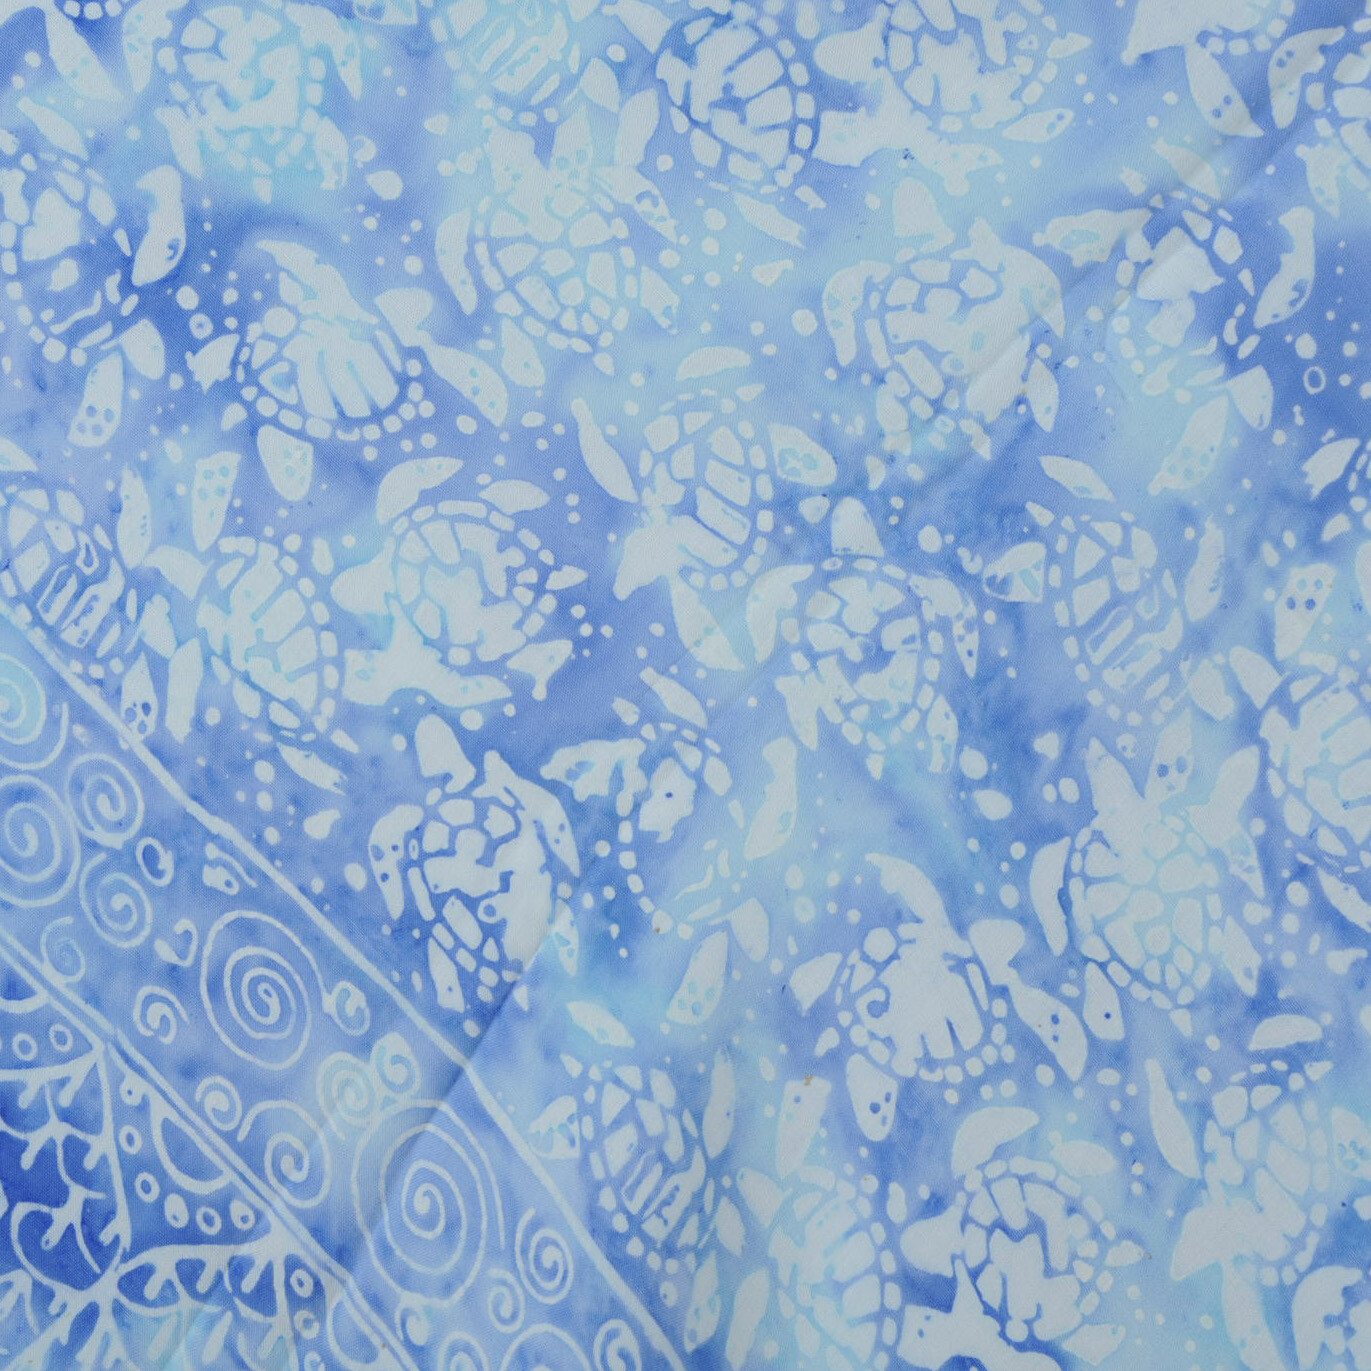 アジアンサロン パレオ テーブルクロス ホヌ ホヌ Blue の商品ページ 卸 仕入れサイト スーパーデリバリー